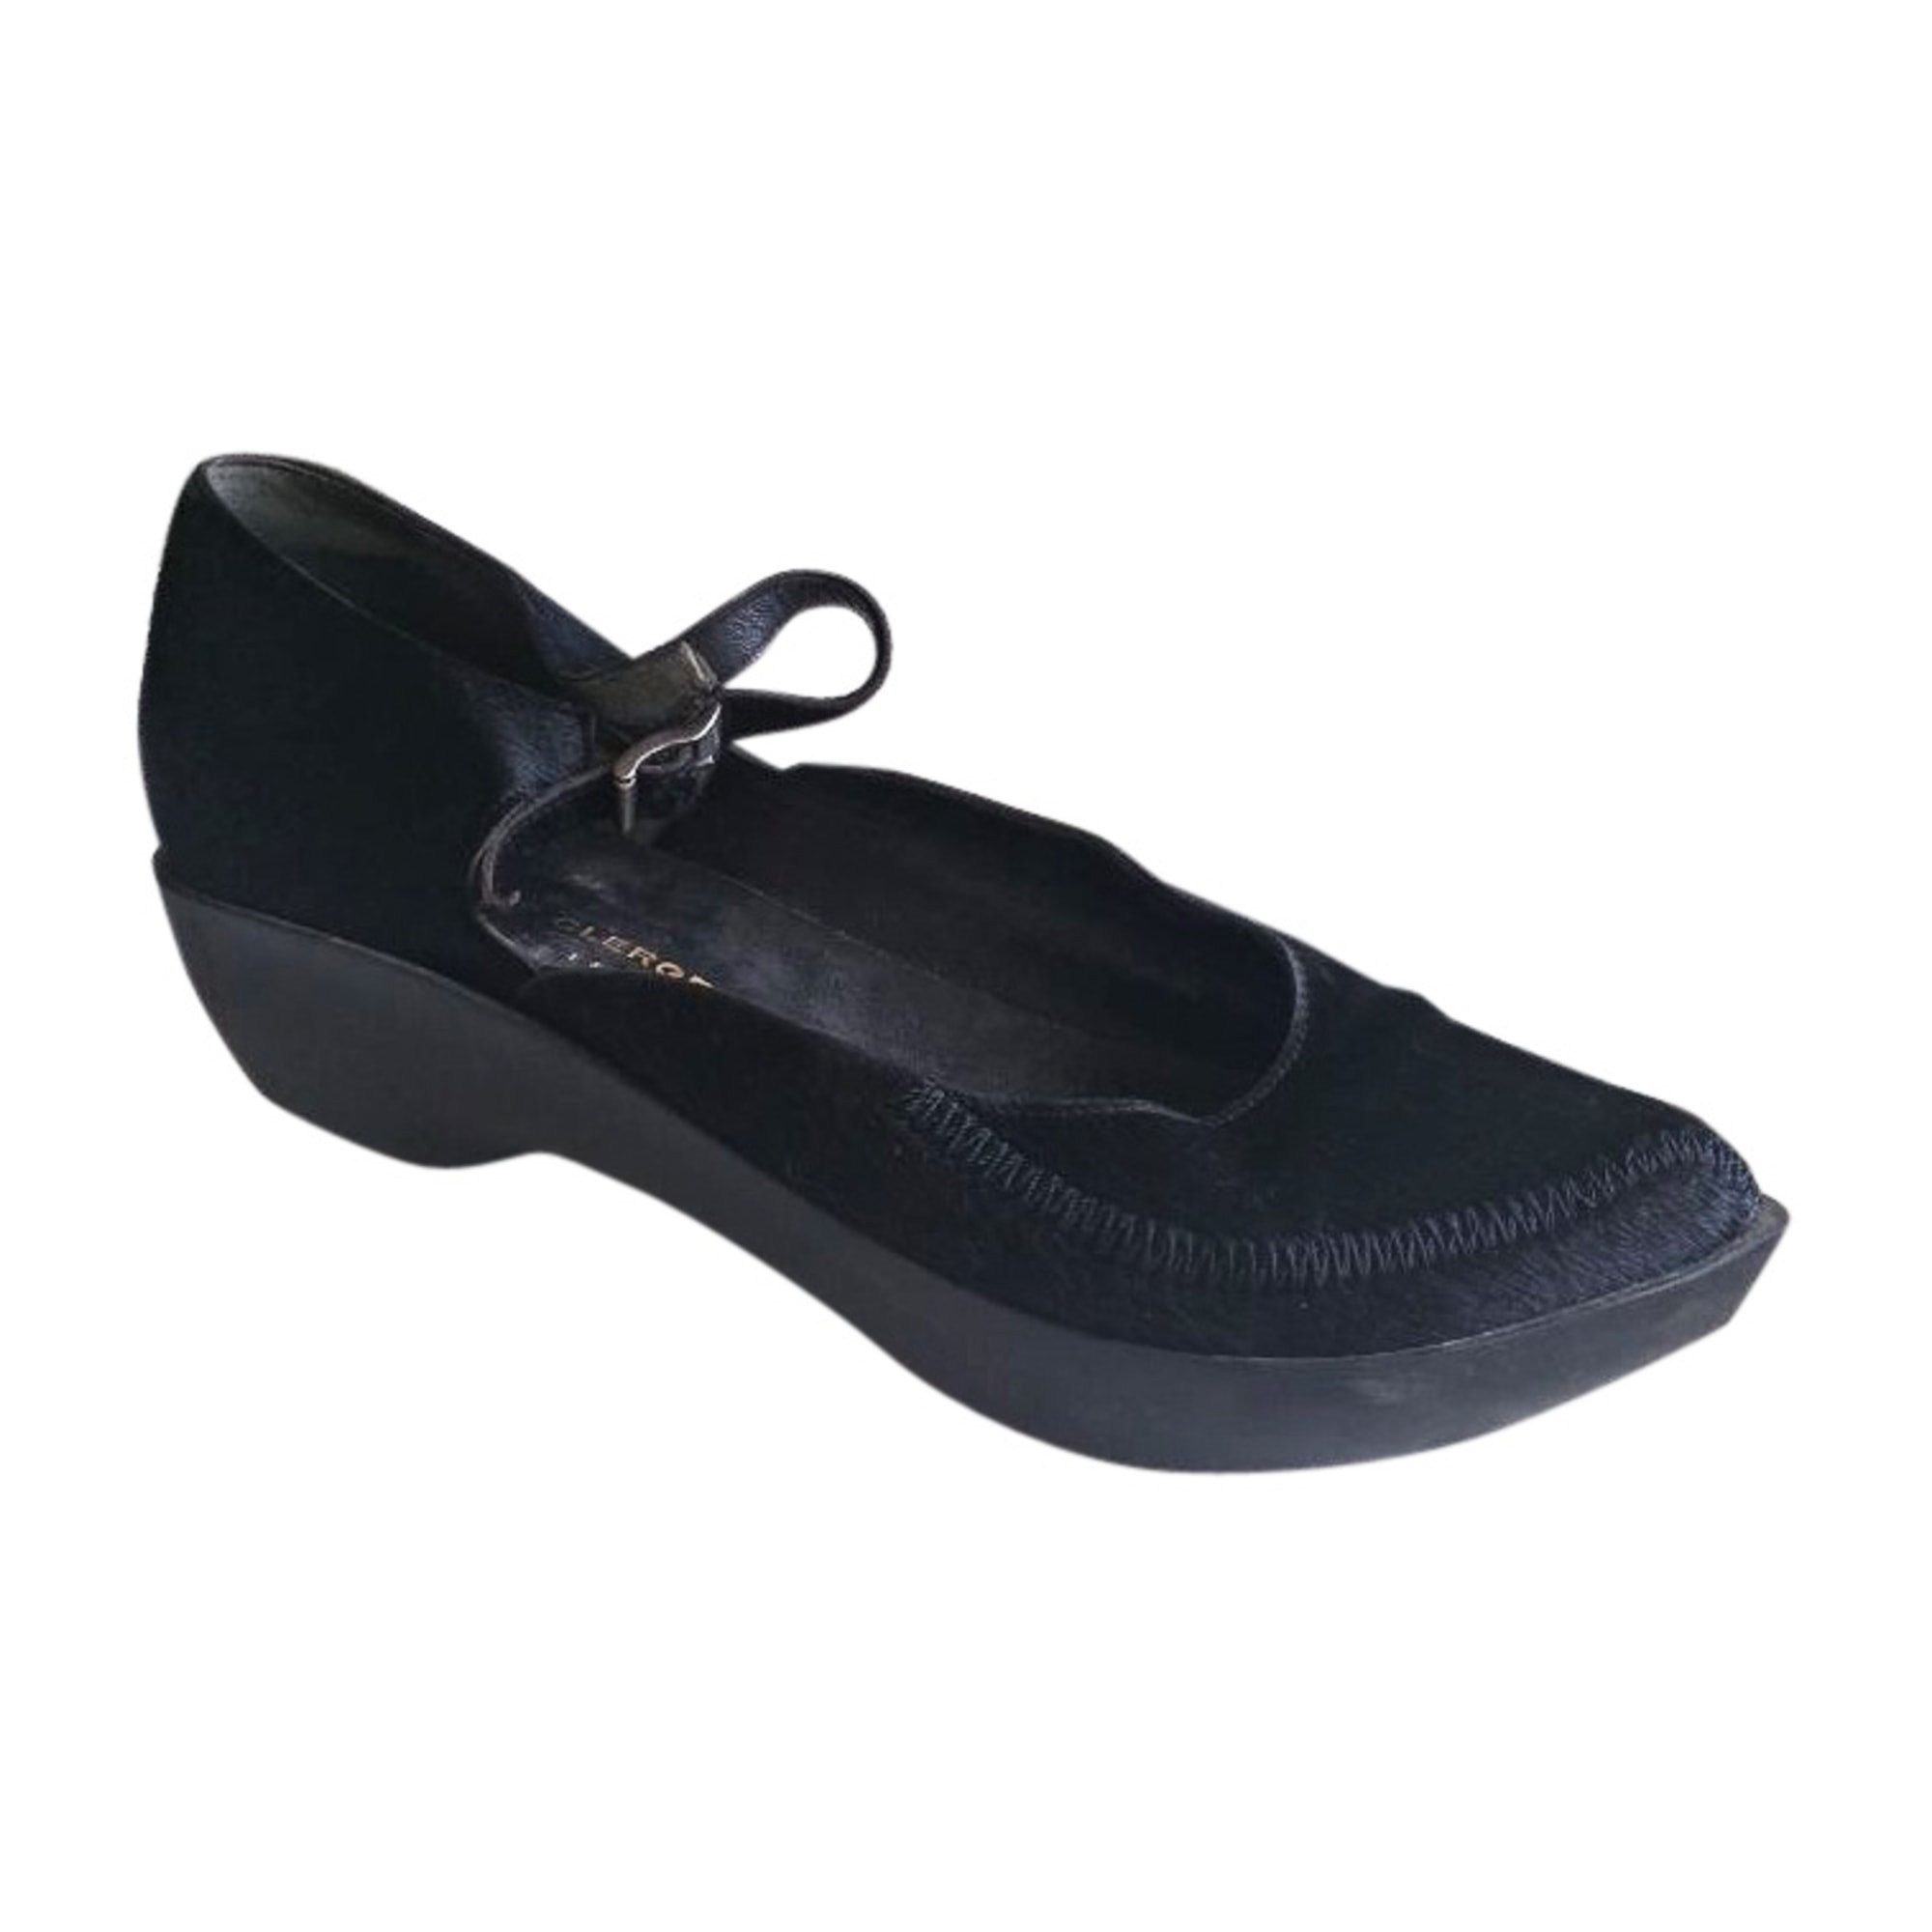 Sandales compensées ROBERT CLERGERIE Noir